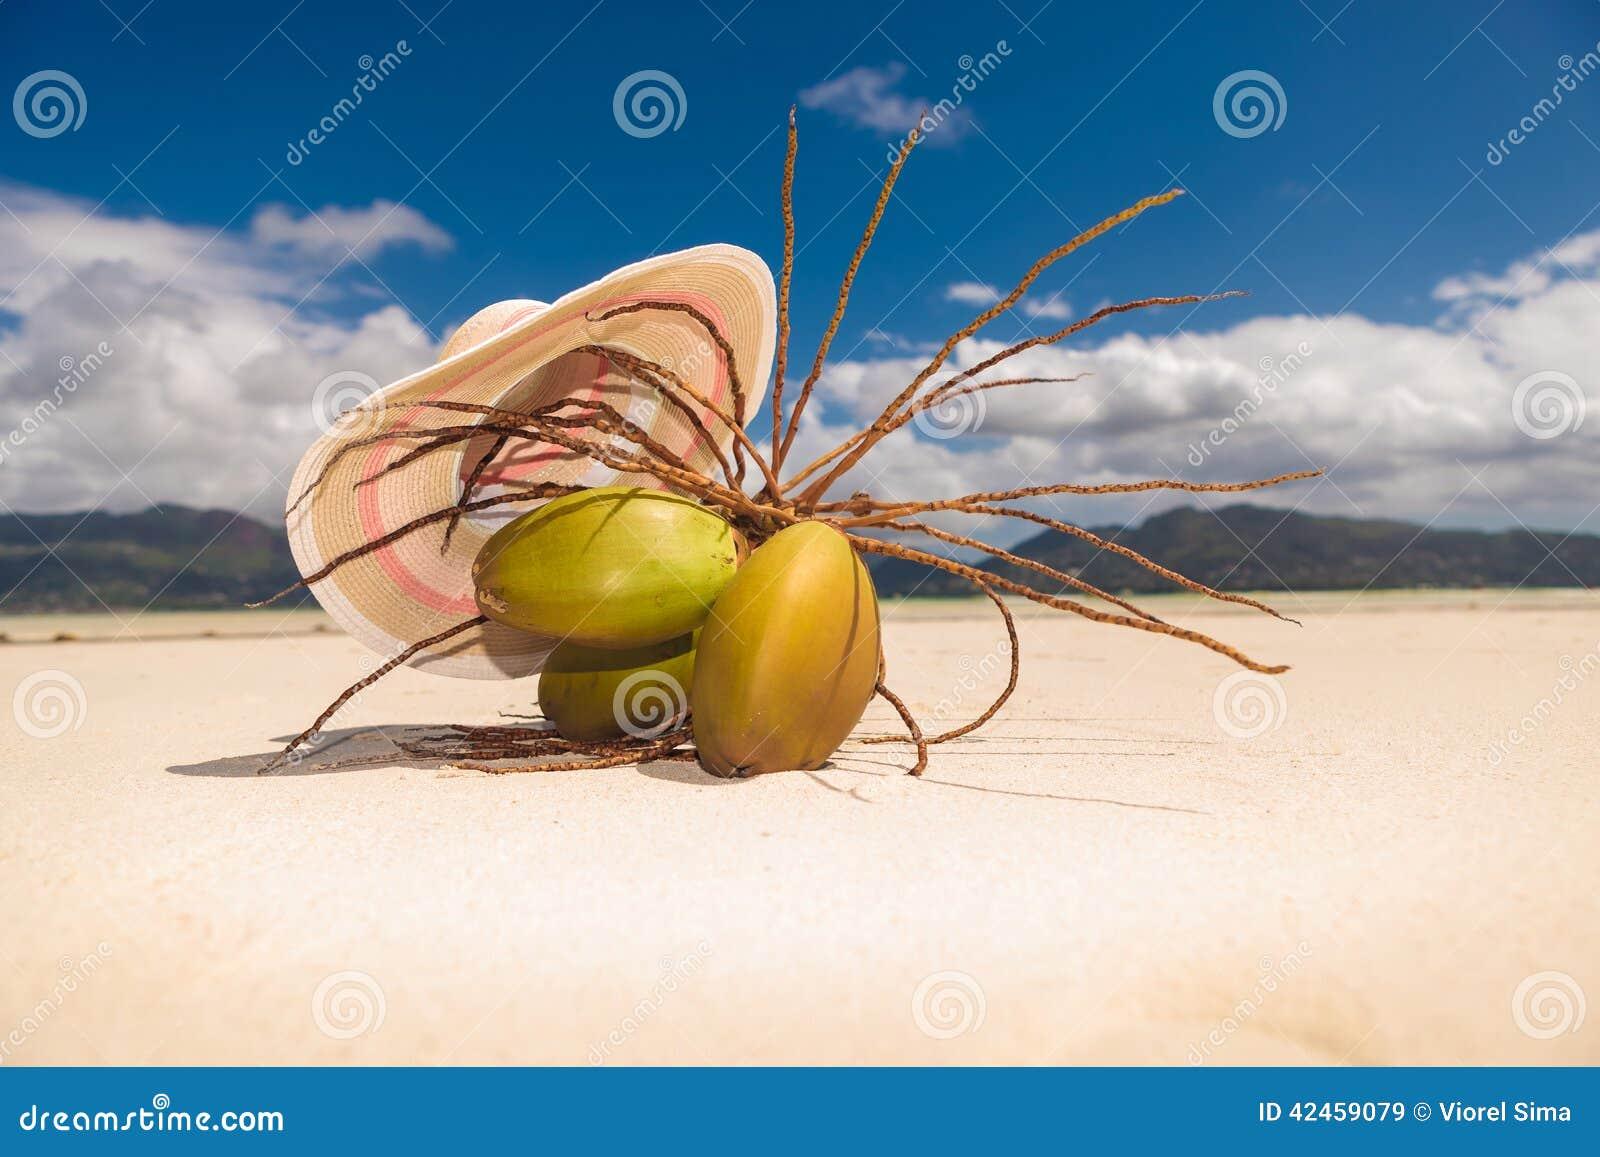 Hut über einem Bündel Coconüssen auf dem Strand